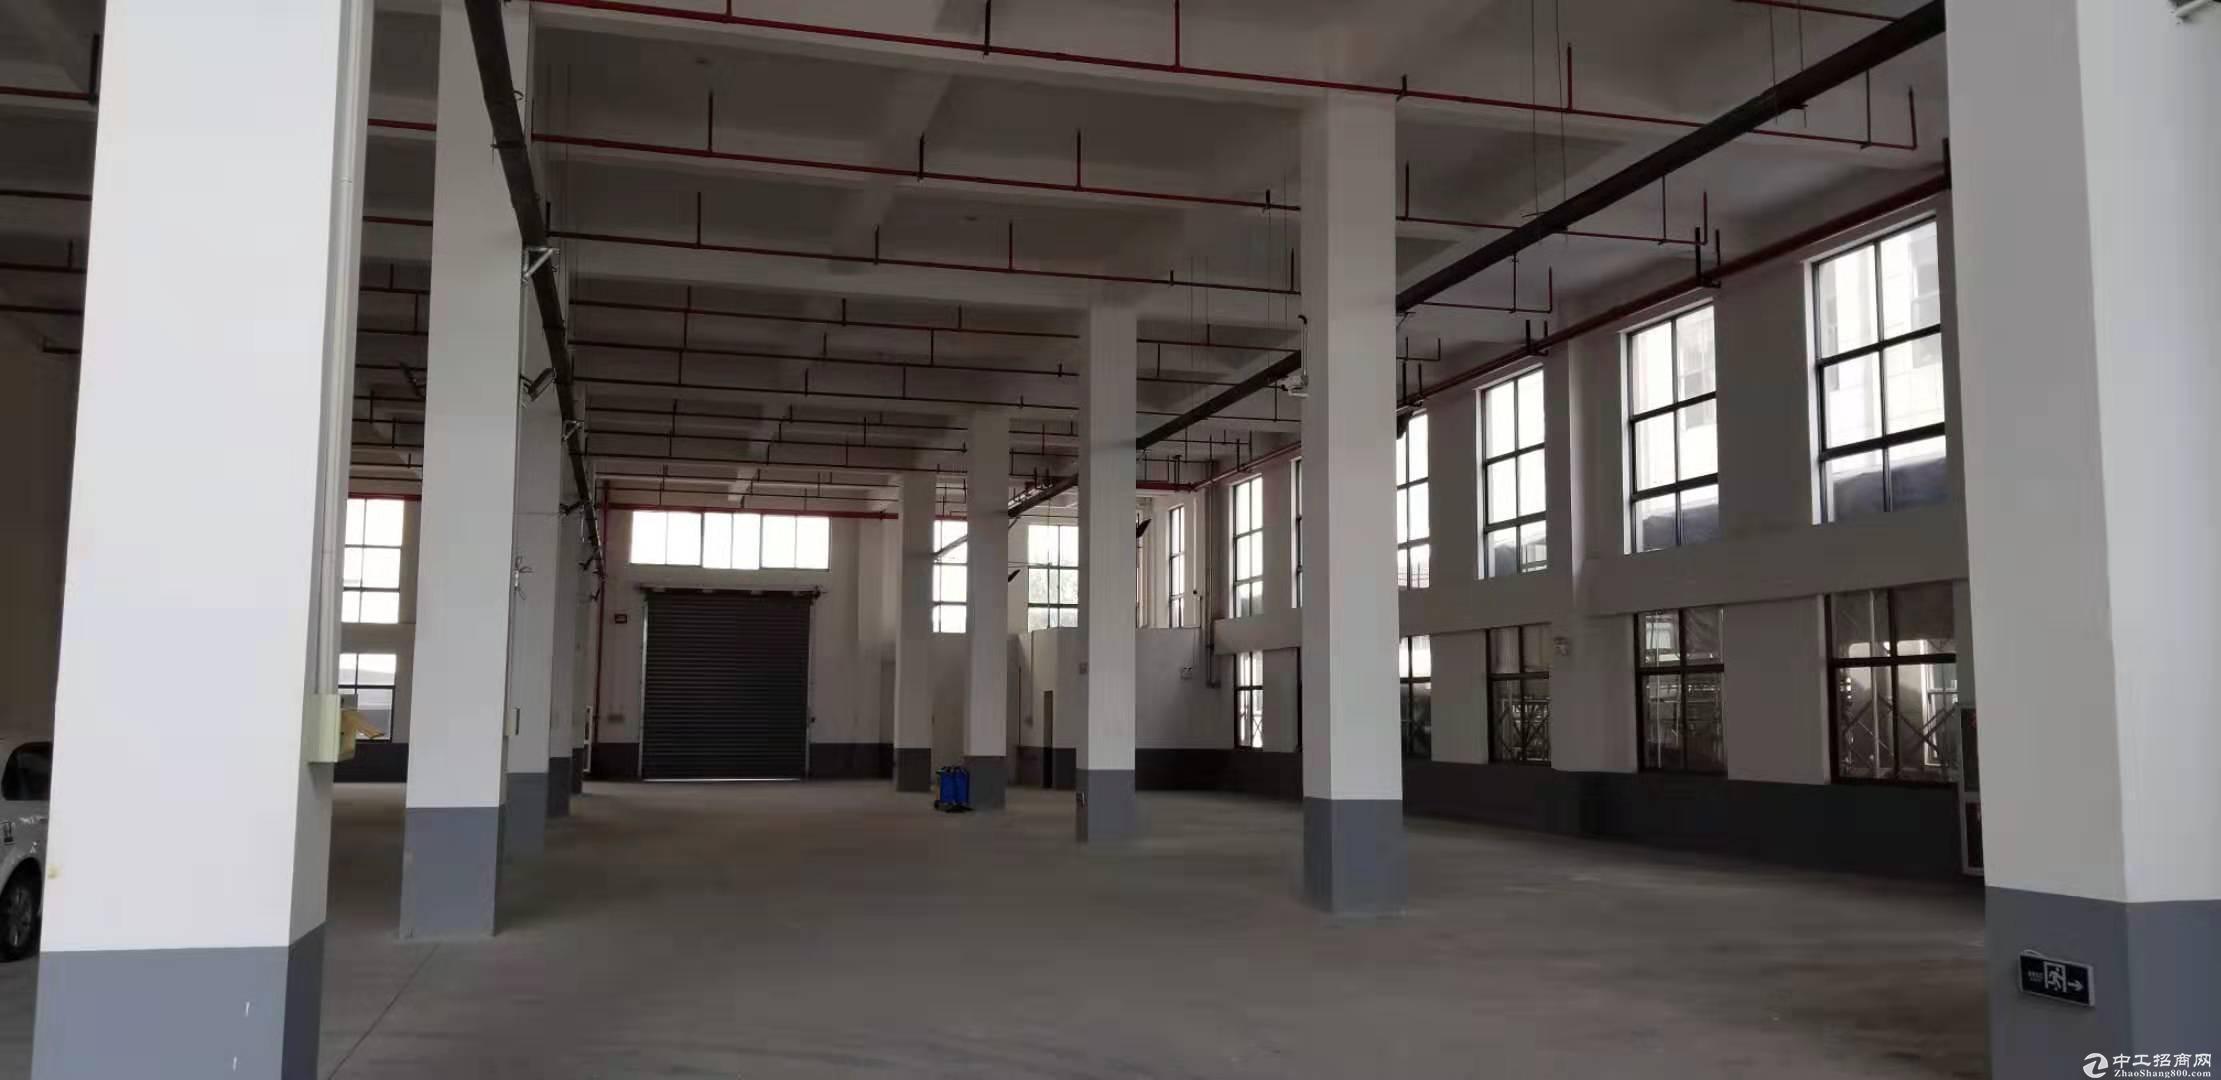 星桥标准厂房出租1000方,交通便利